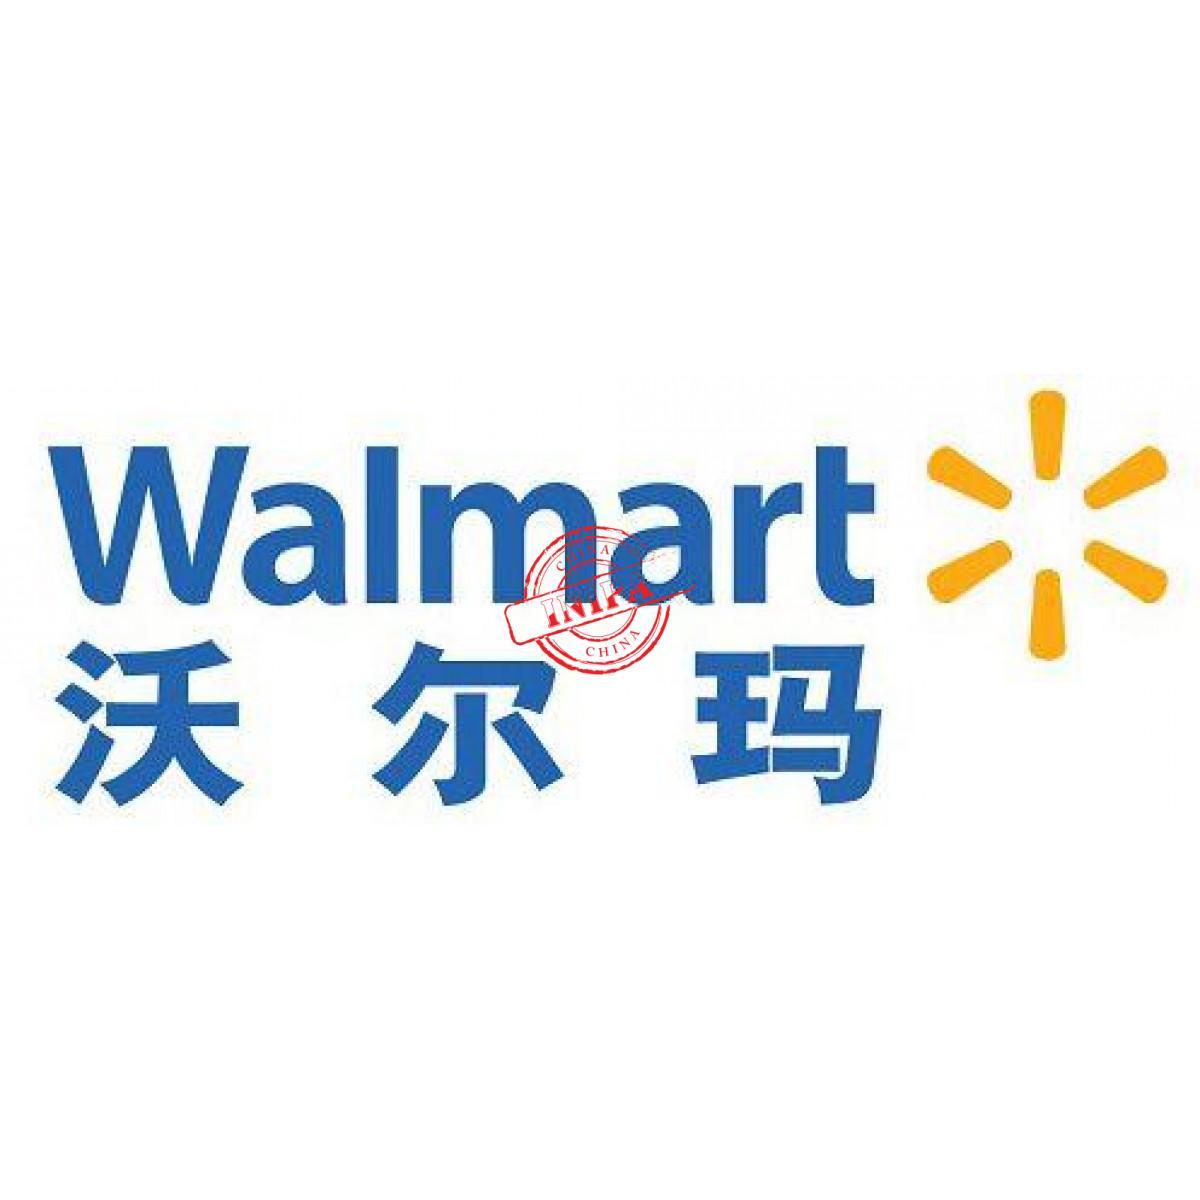 Wal-Mart沃尔玛验厂_专业验厂咨询机构